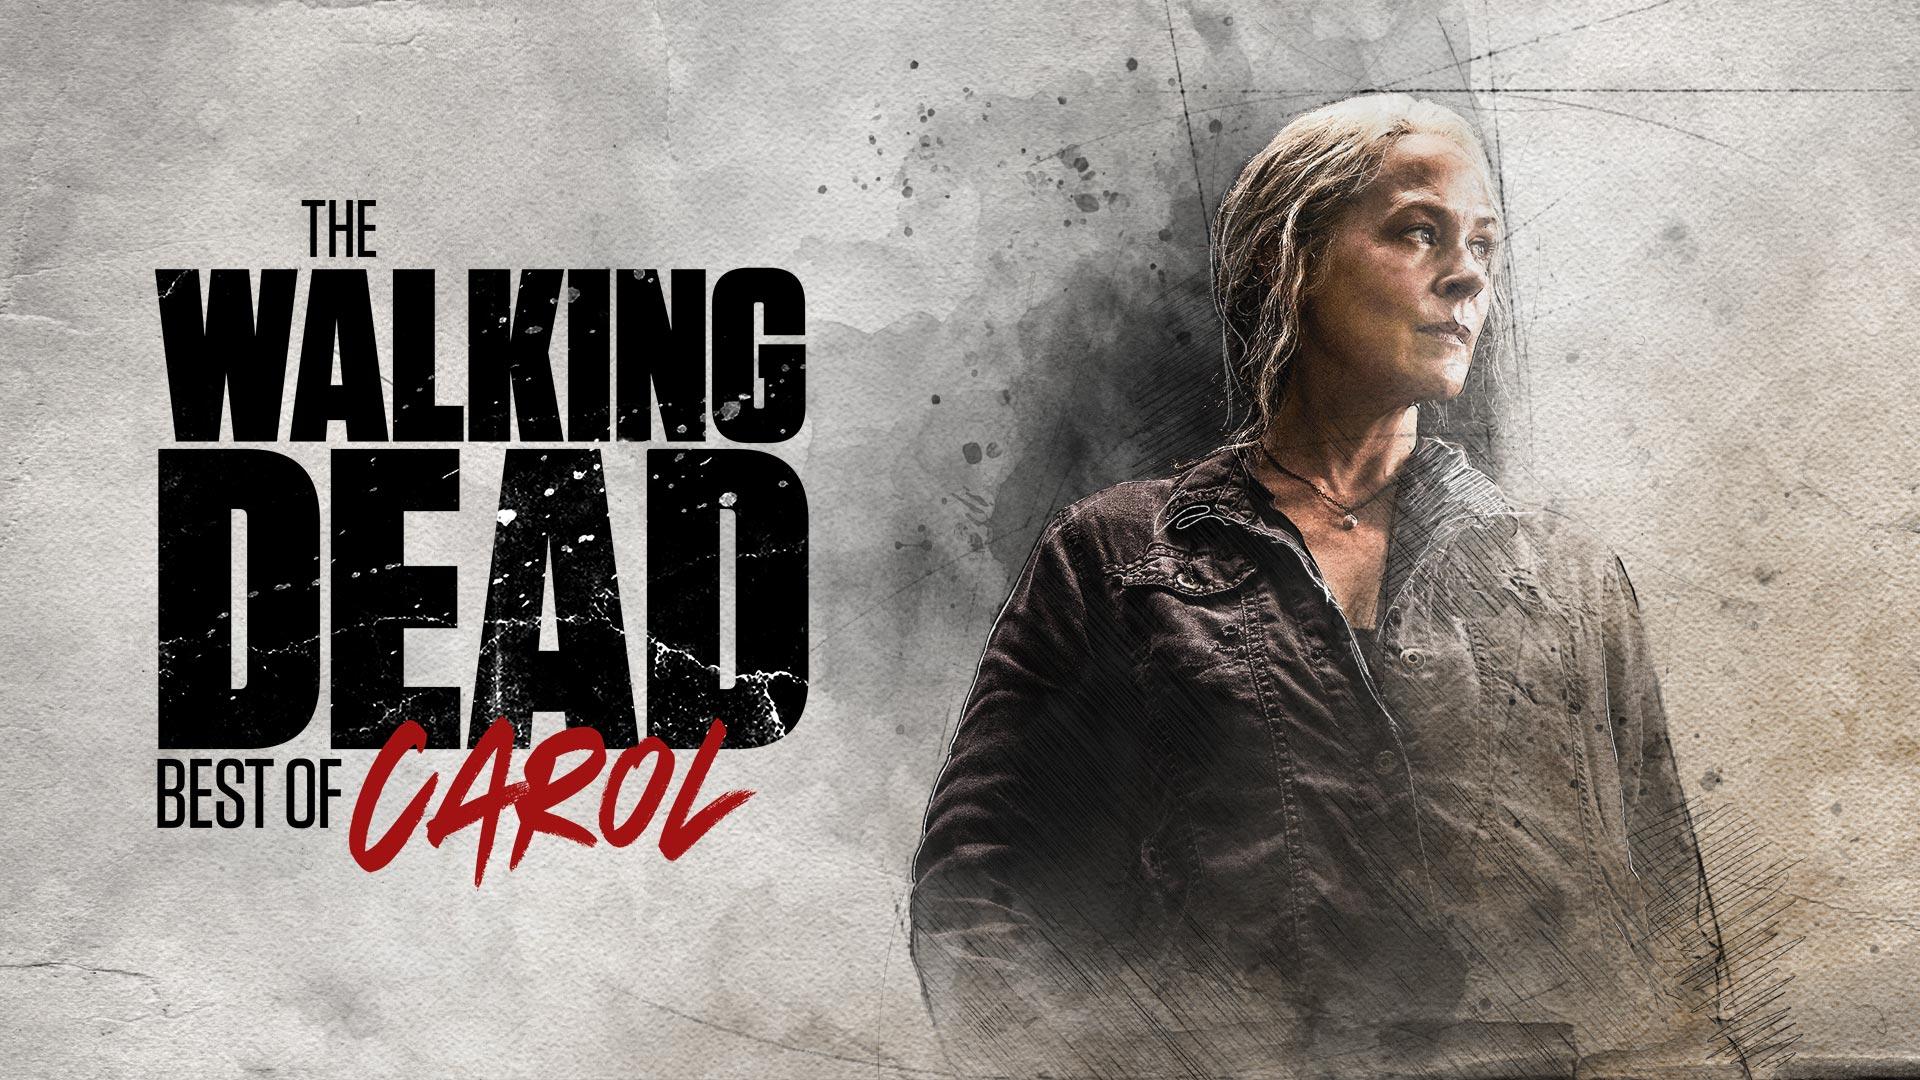 The Walking Dead: Best of Carol, Season 1